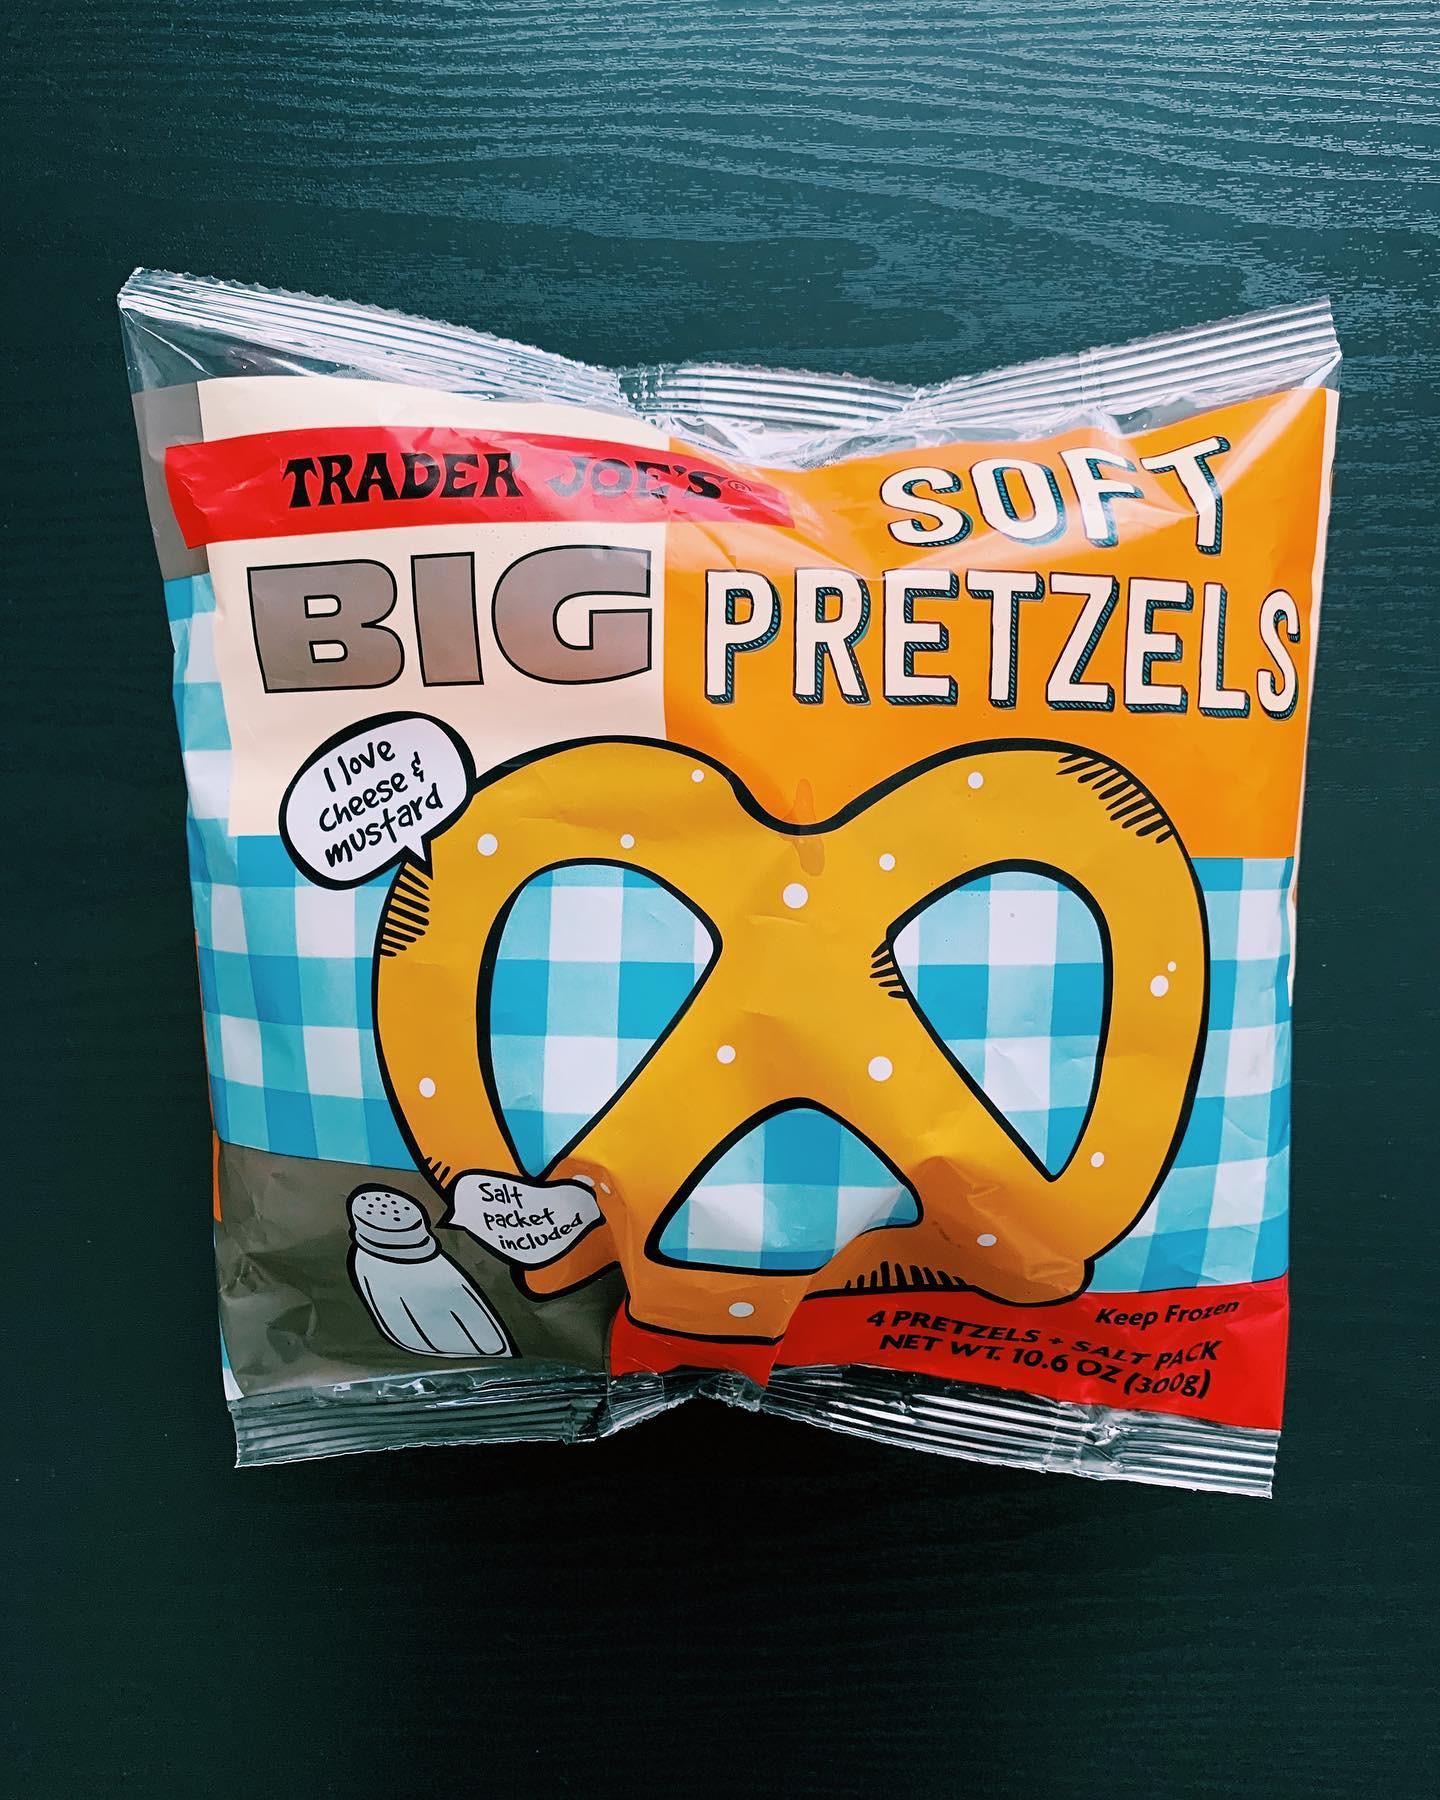 Big Soft Pretzel: 8/10